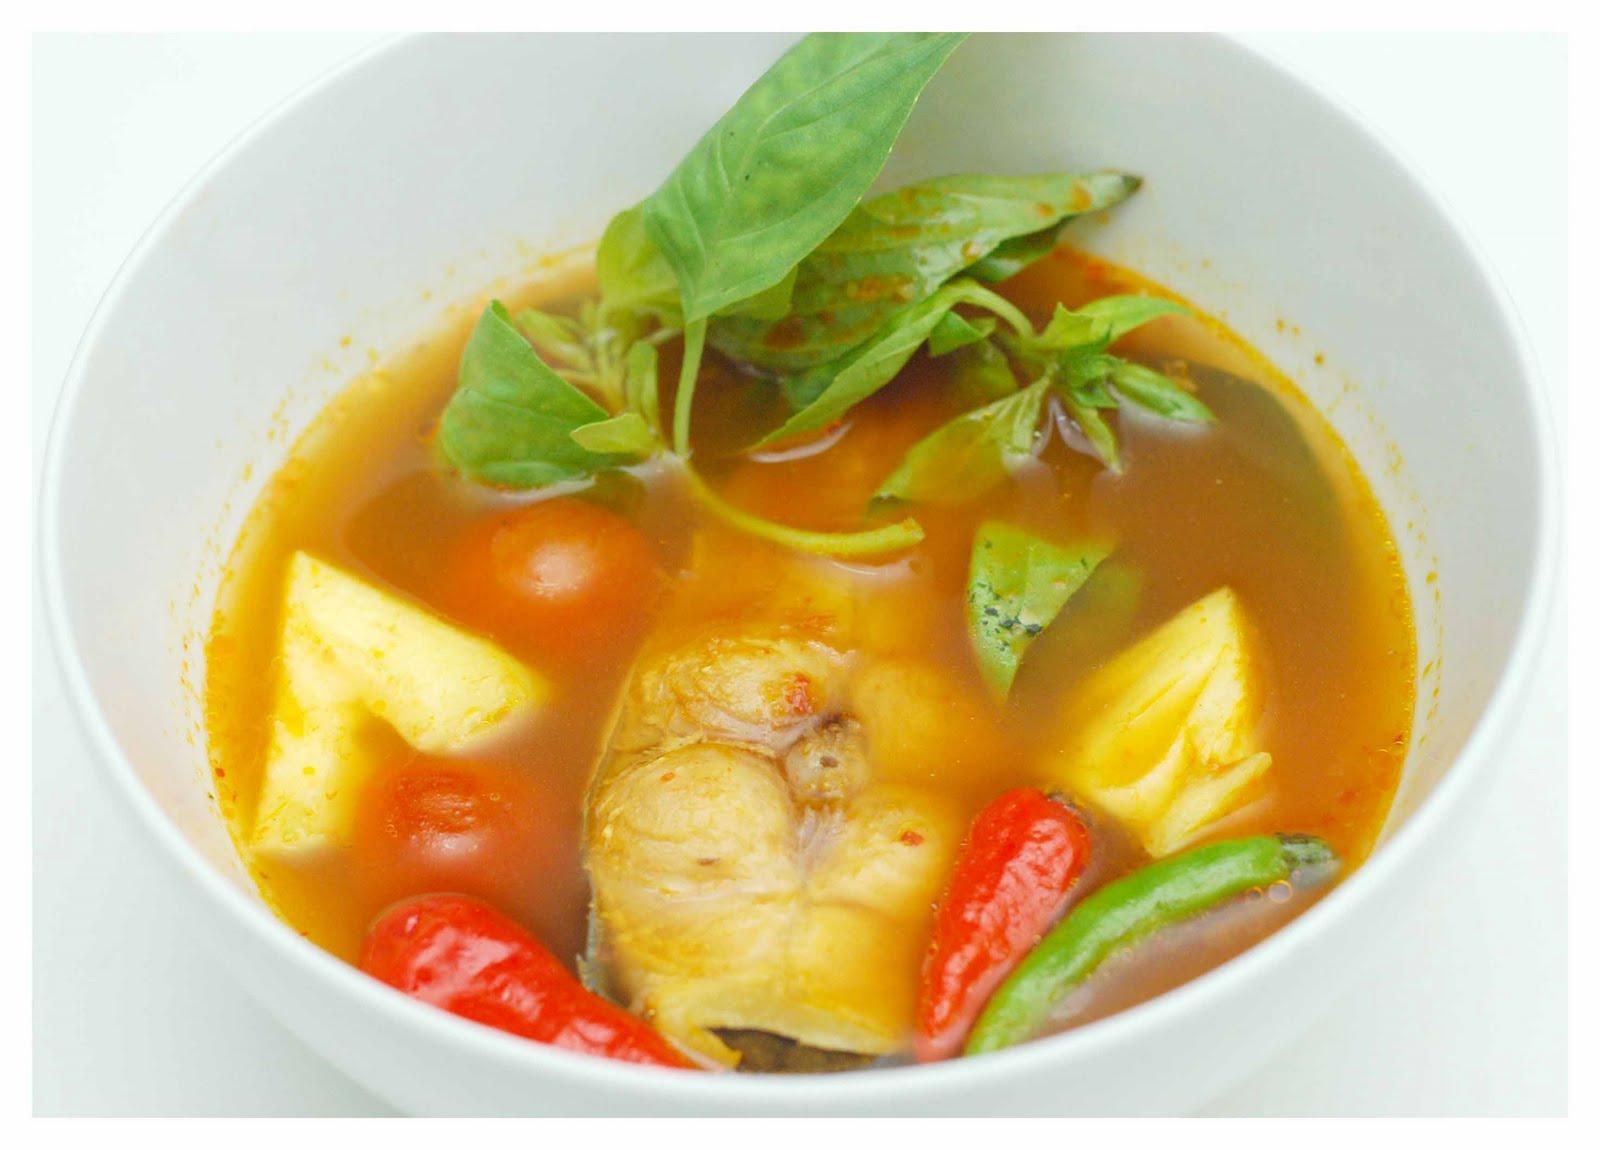 Pindang Lampung, Spicy Fish Soup From Lampung